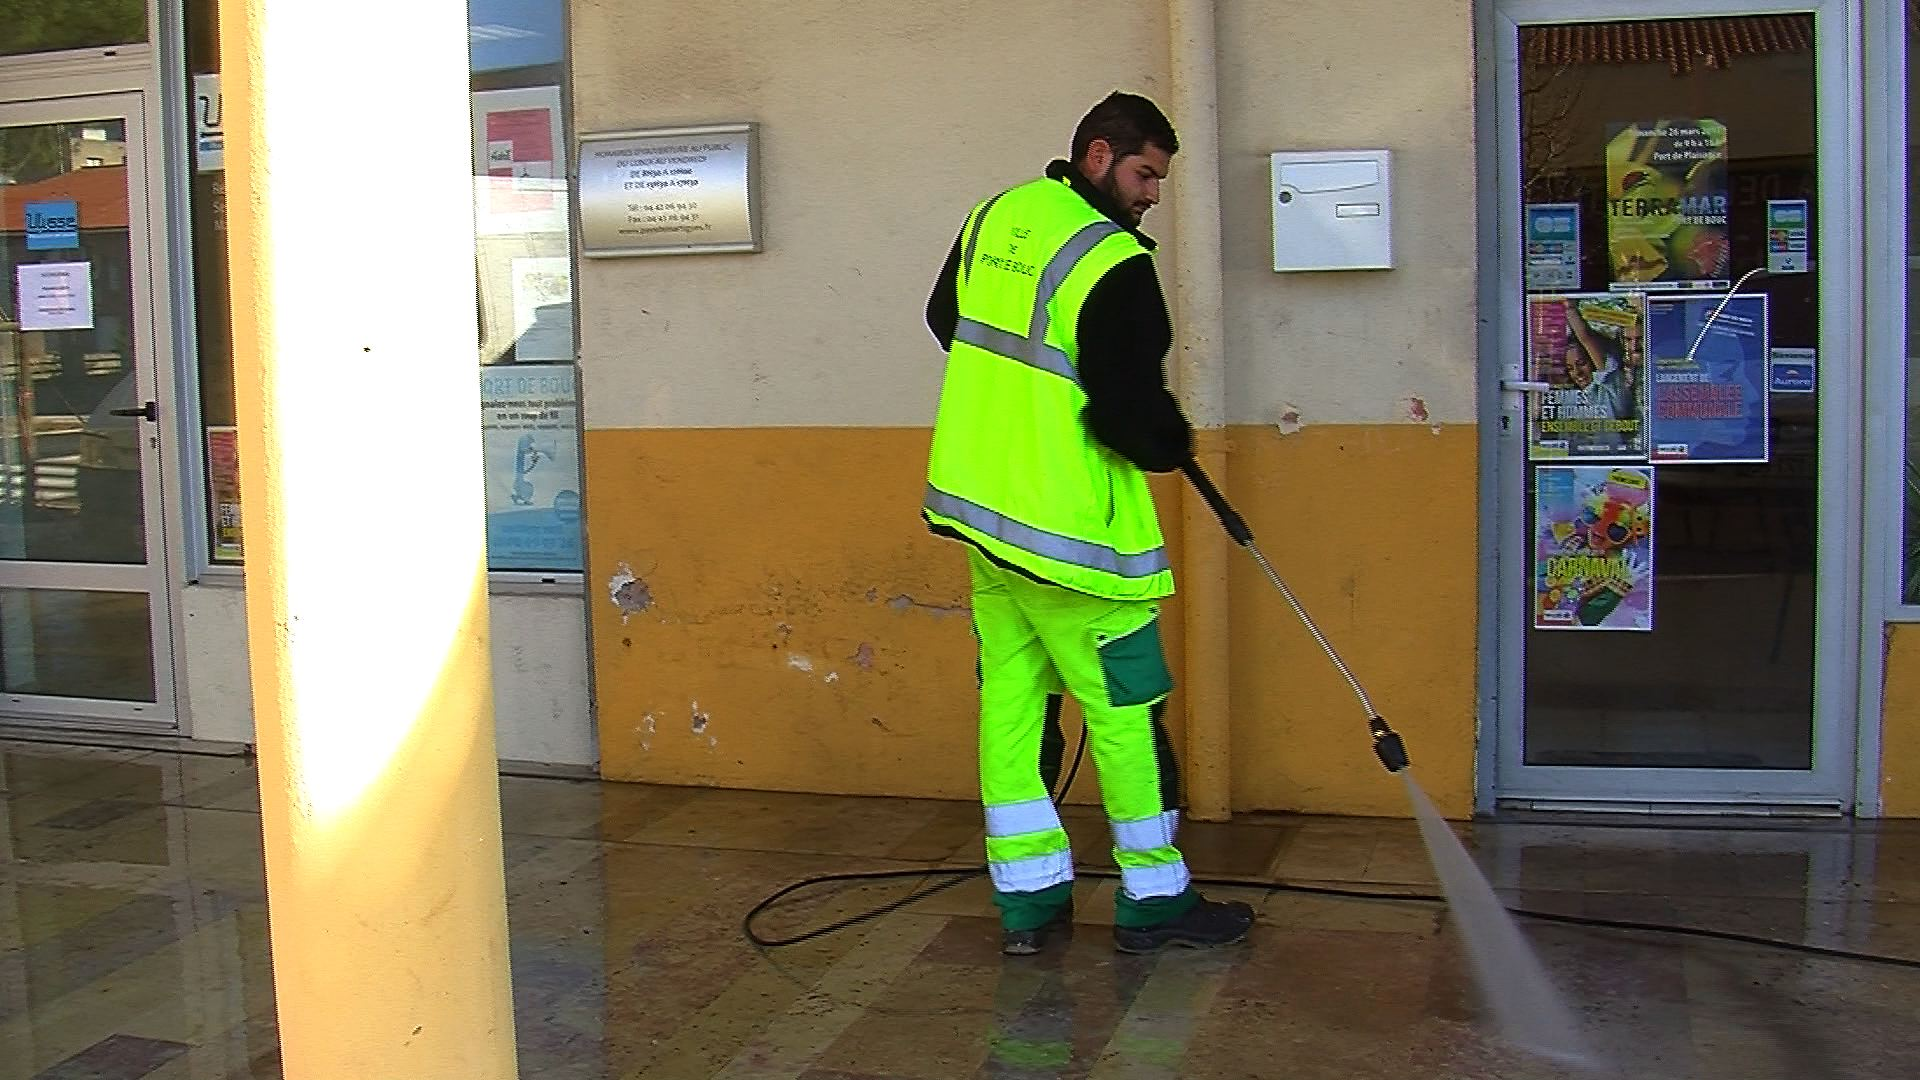 Environnement port de bouc port de bouc op ration propret de la voie publique - Patricia fernandez port de bouc ...